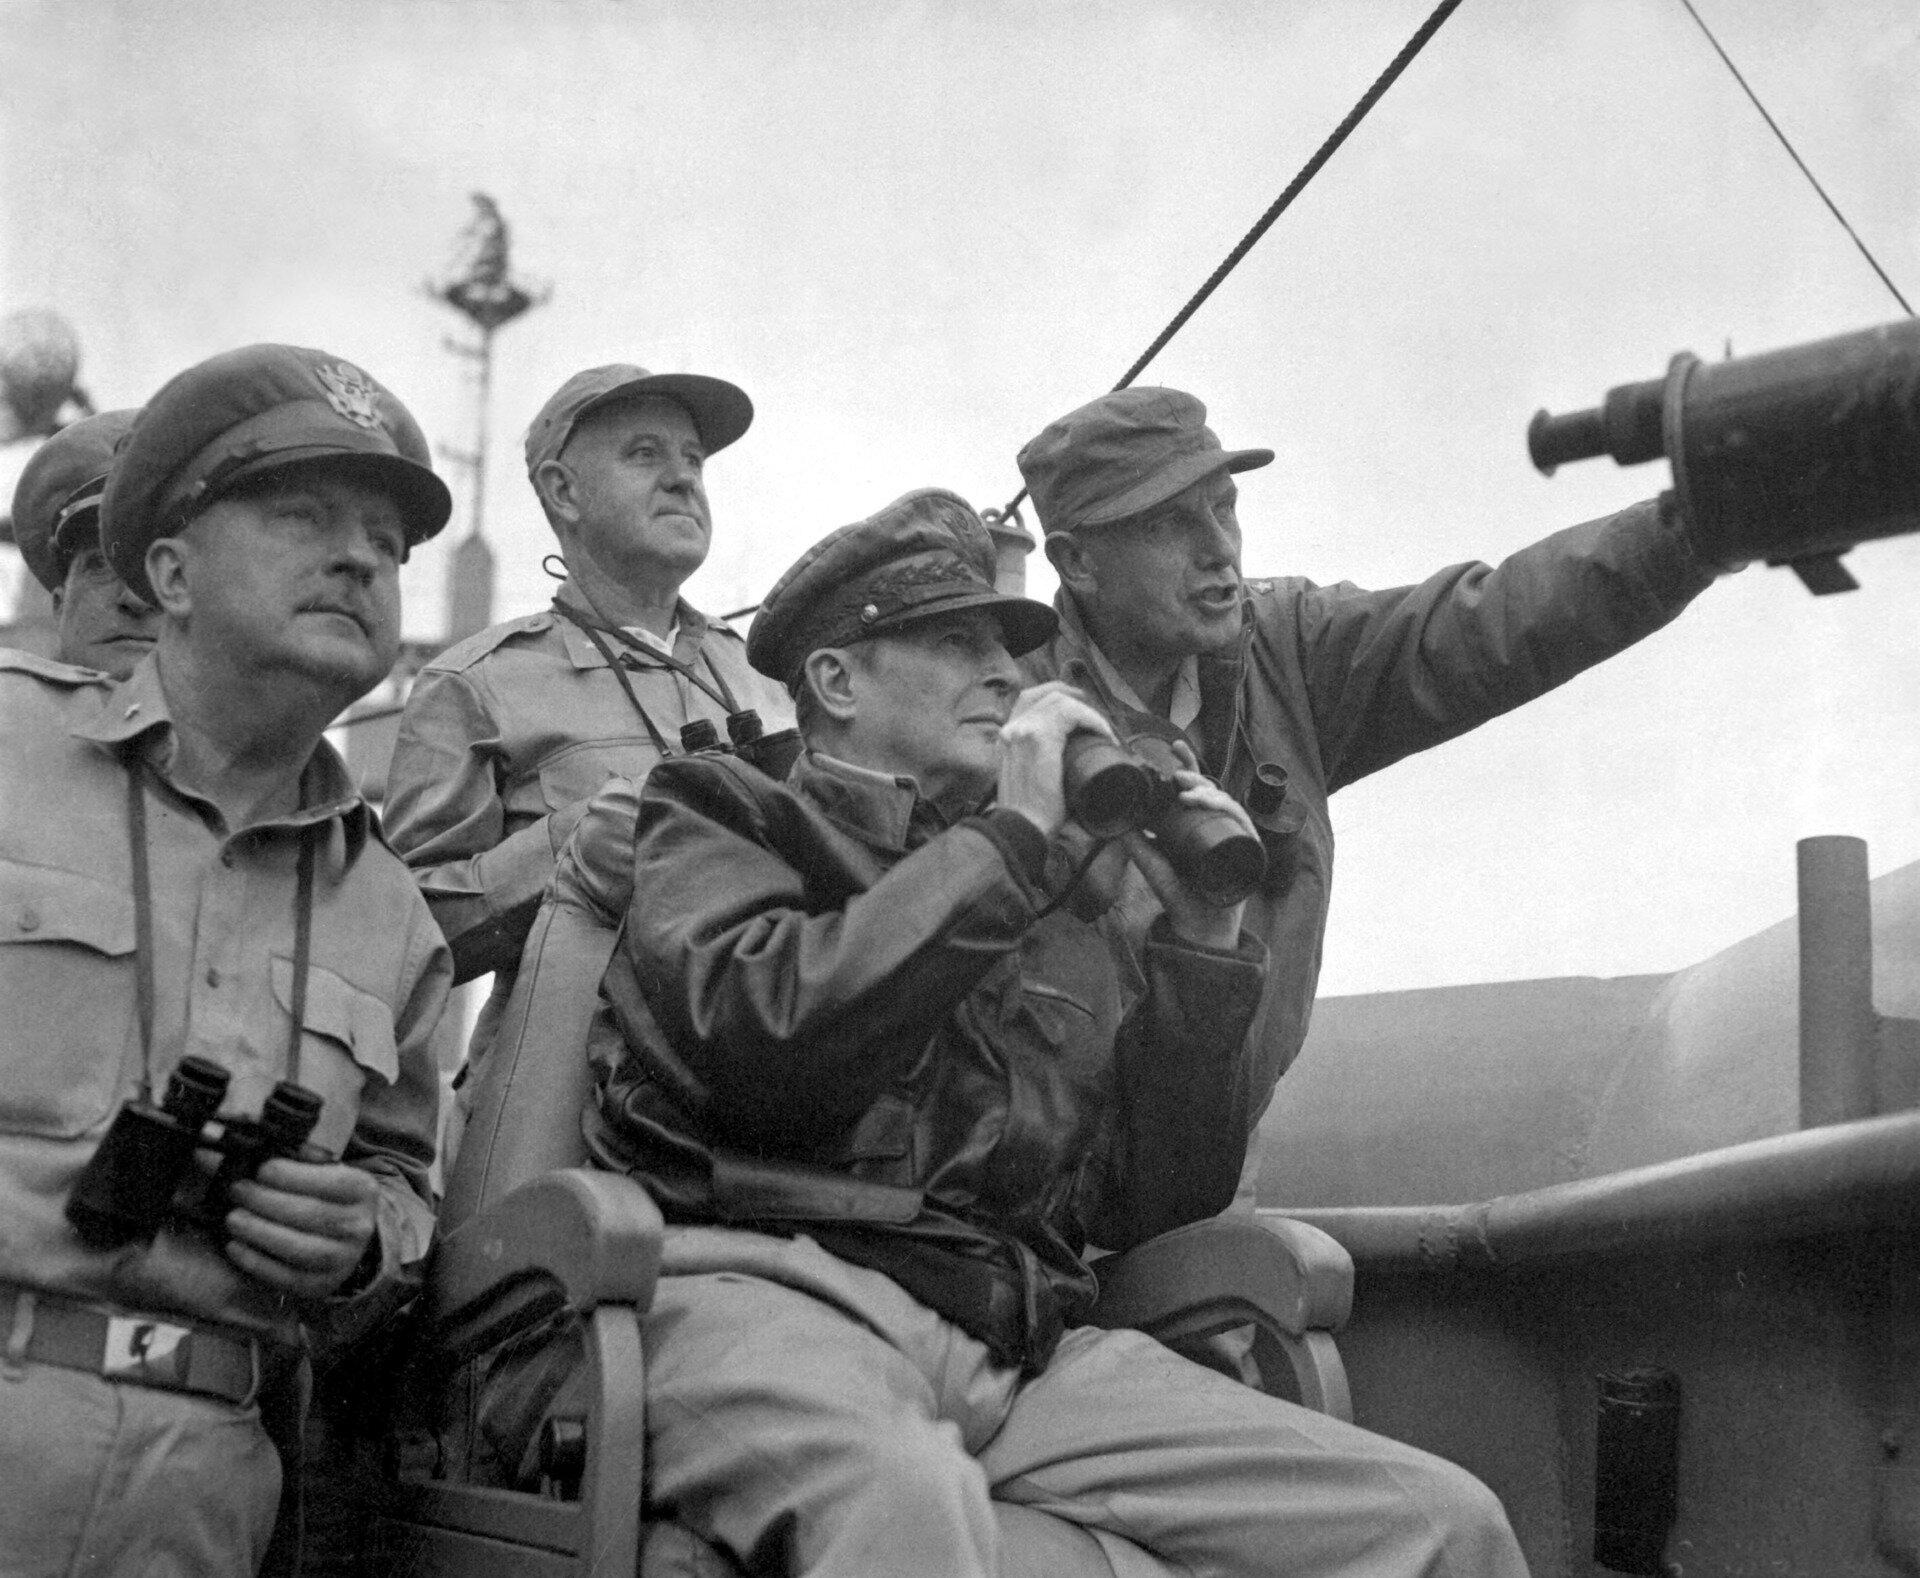 Fotografia czarno-biała przedstawiająca siły ONZ (amerykańskie) , którymi dowodził generał Douglas MacArthur. Dowódca siedzi na krześle,  wrękach trzyma lornetkę. Każdy zobecnych przy nim obserwujący również ma swoją lornetkę, jeden znich wskazuje ręką kierunek wktórym należy patrzeć.